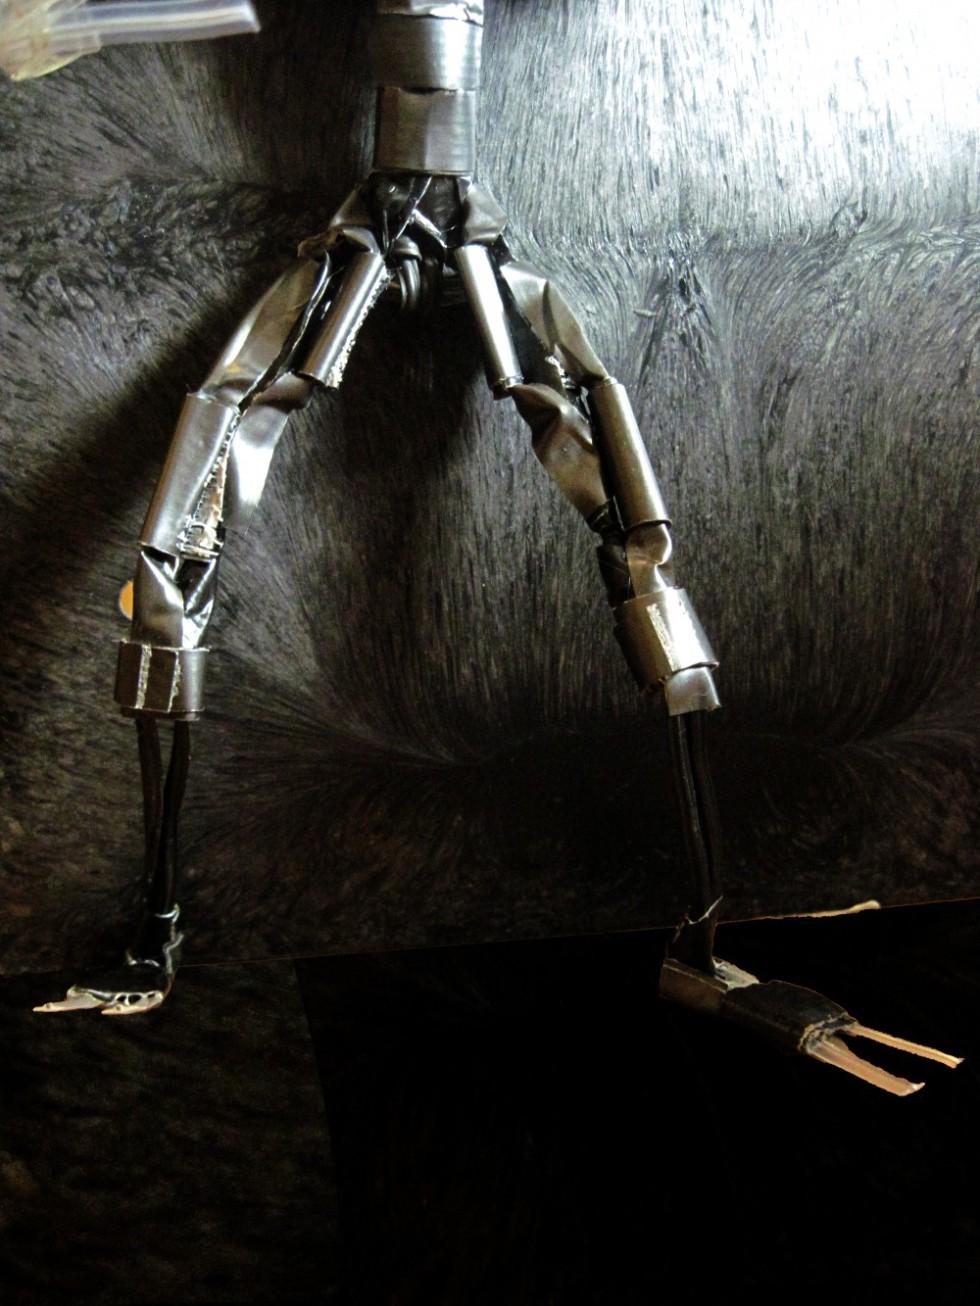 Droids Legs